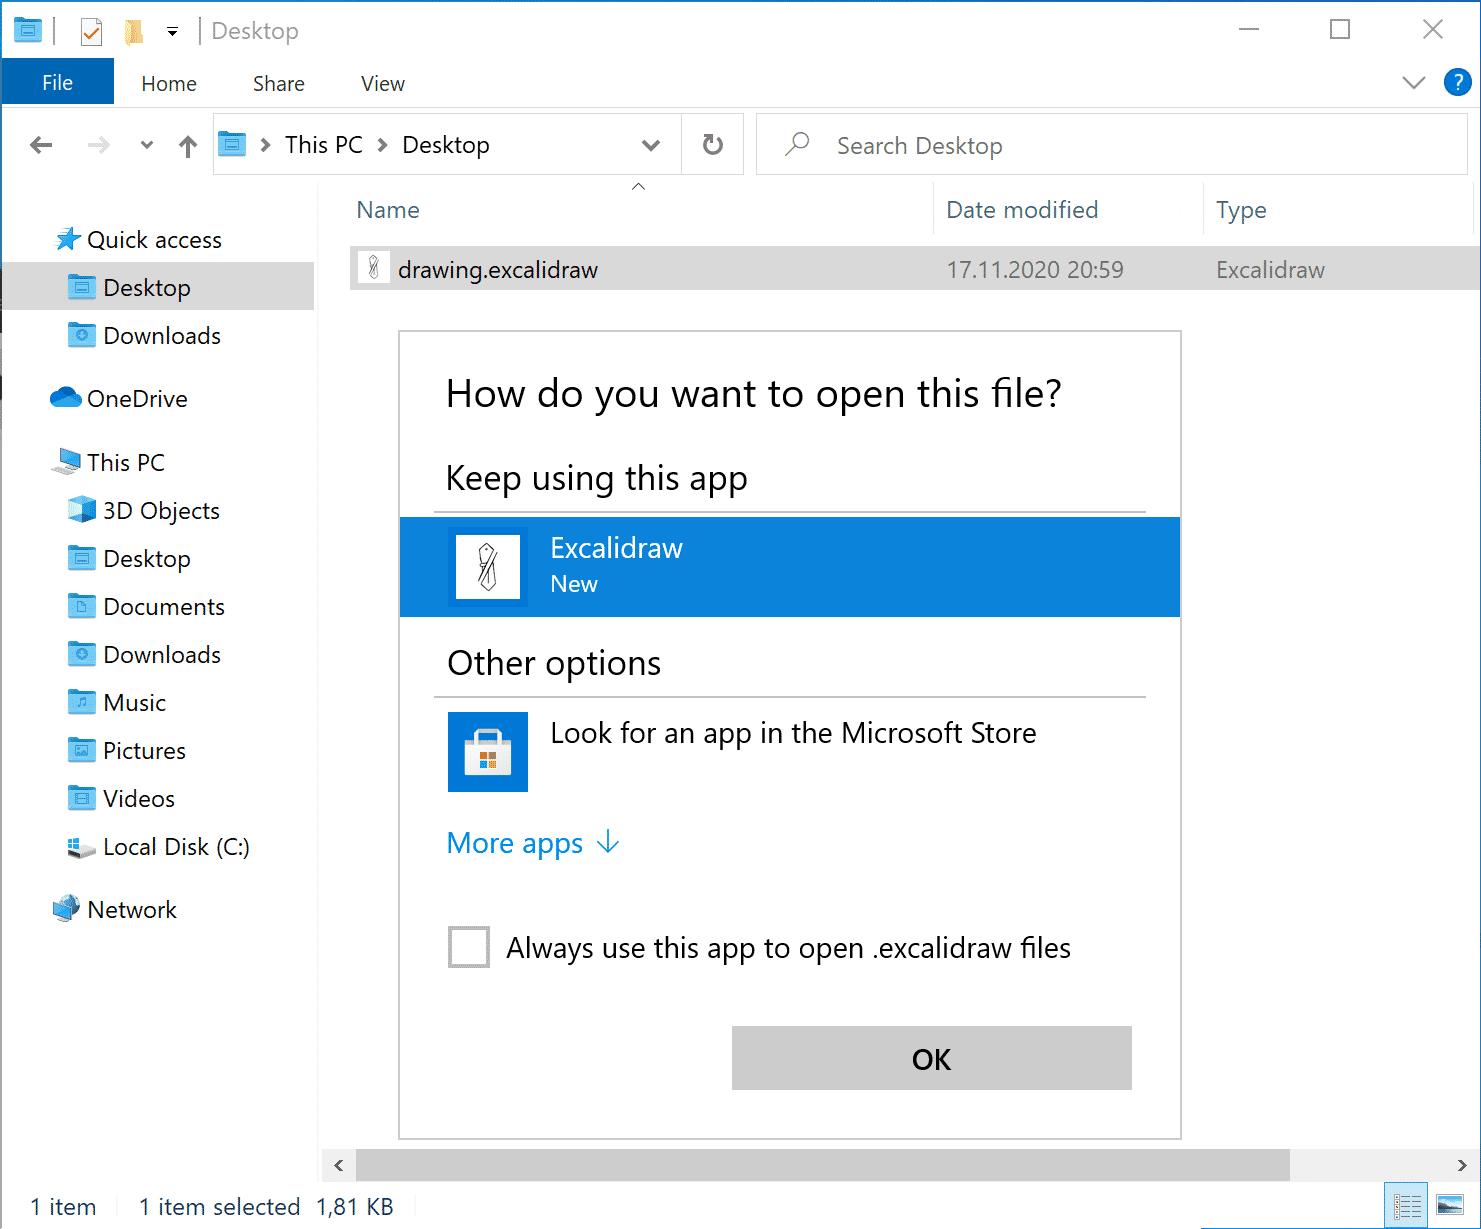 Mithilfe der File Handling API können sich Progressive Web Apps bestimmten Dateiendungen zuordnen. Ein Doppelklick auf die gewählte Datei würde wieder die PWA öffnen.